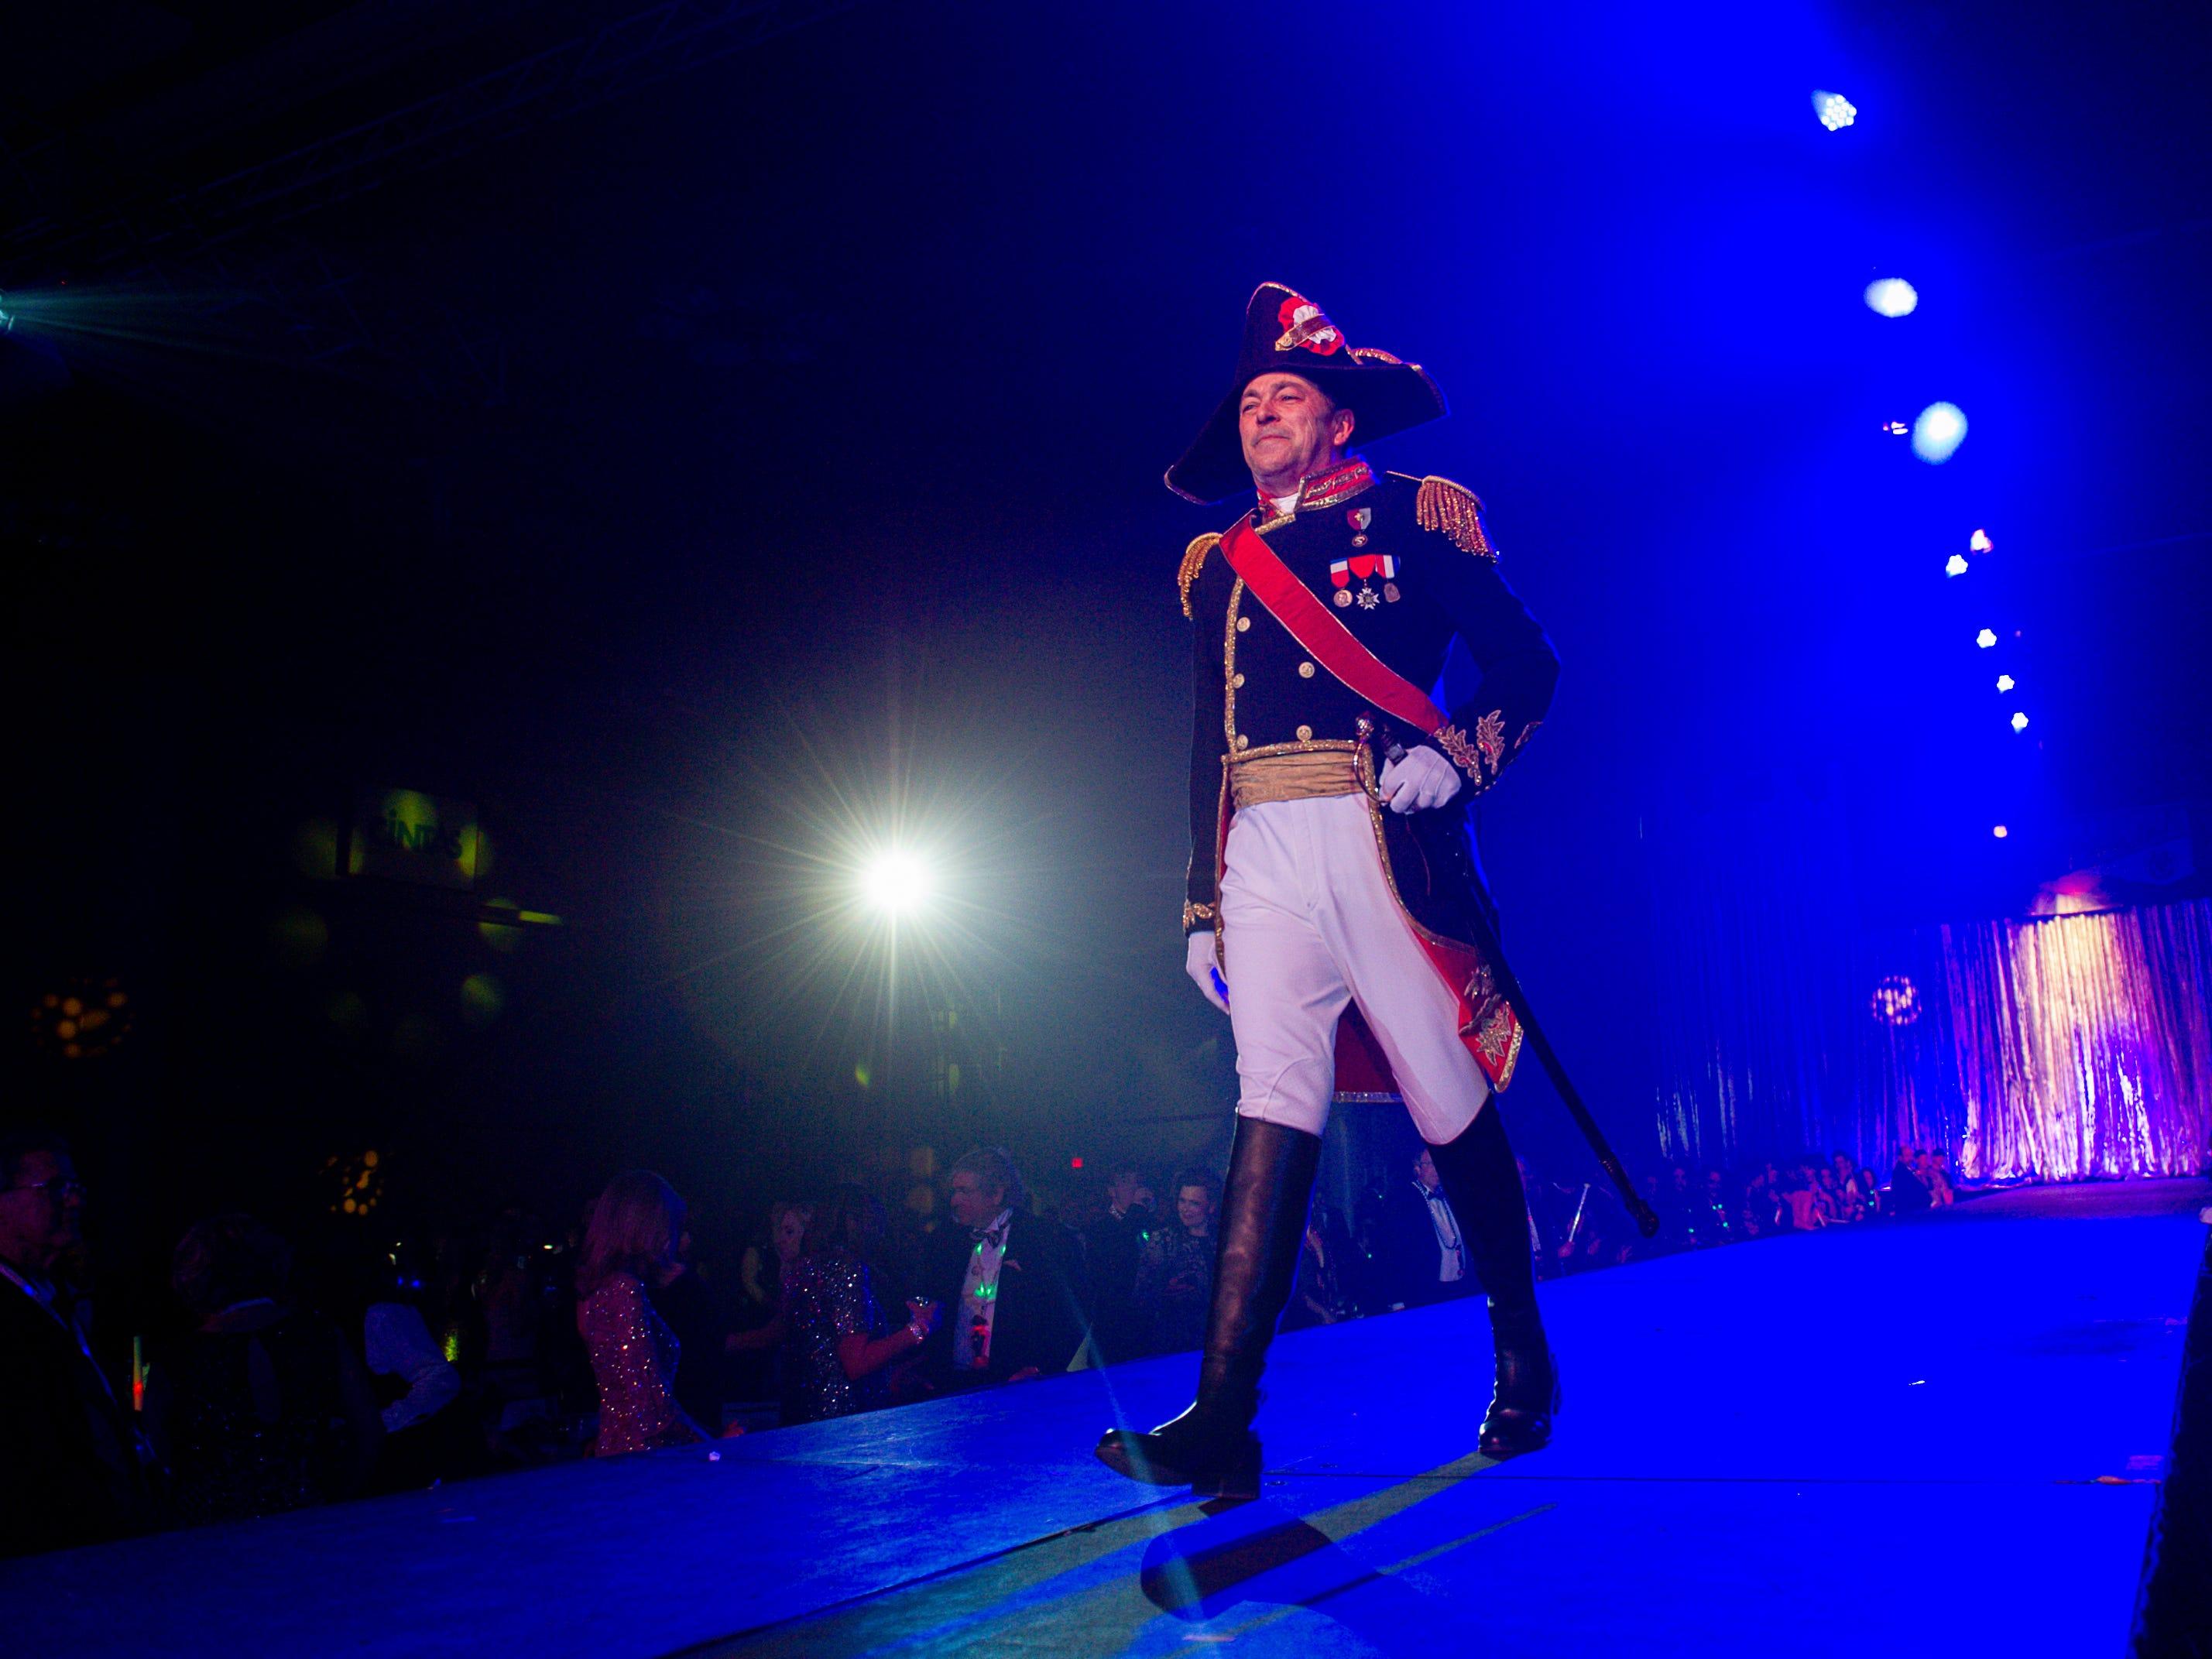 Bonaparte Mardi Gras Ball at the Cajundome Convention Center. Monday, March 4, 2019.